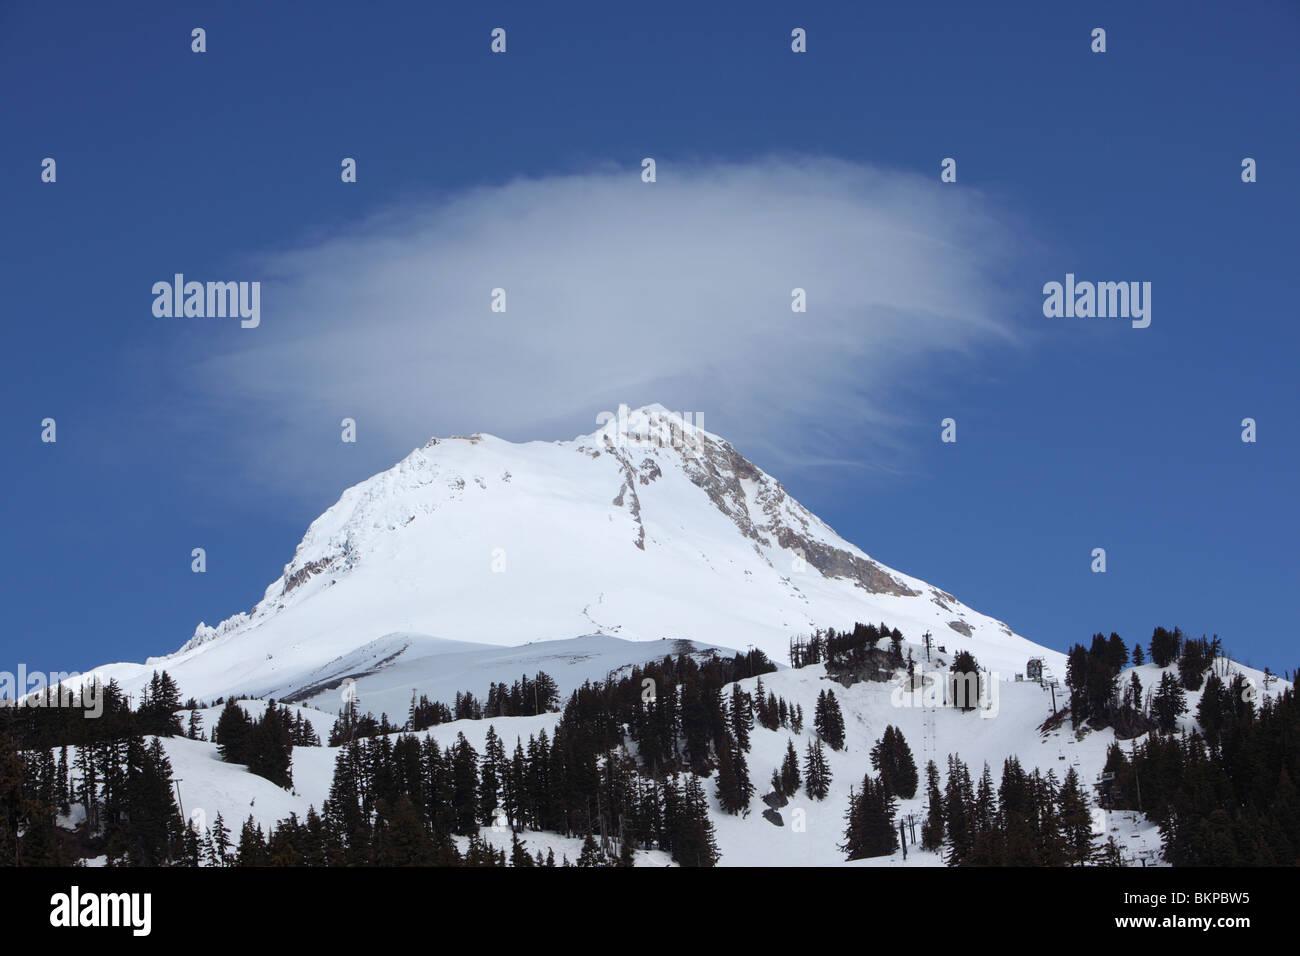 Mt. Hood, Oregon, USA - Stock Image